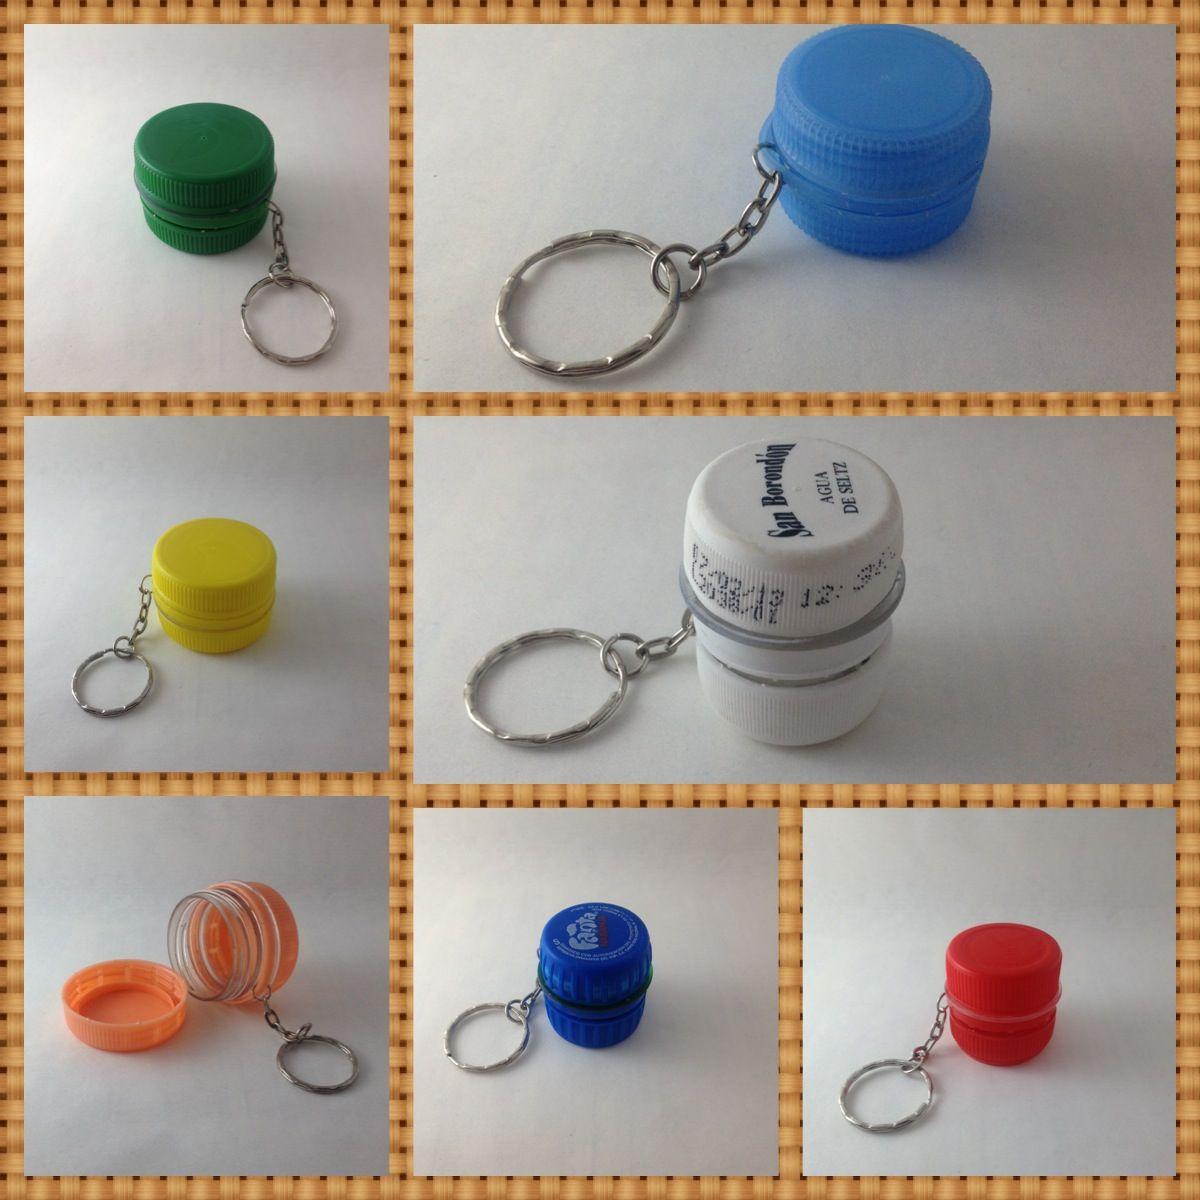 Llaveros o porta pastillas hechos con las tapas de las botellas de refrescos plastico - Manualidades con chapas de refrescos ...